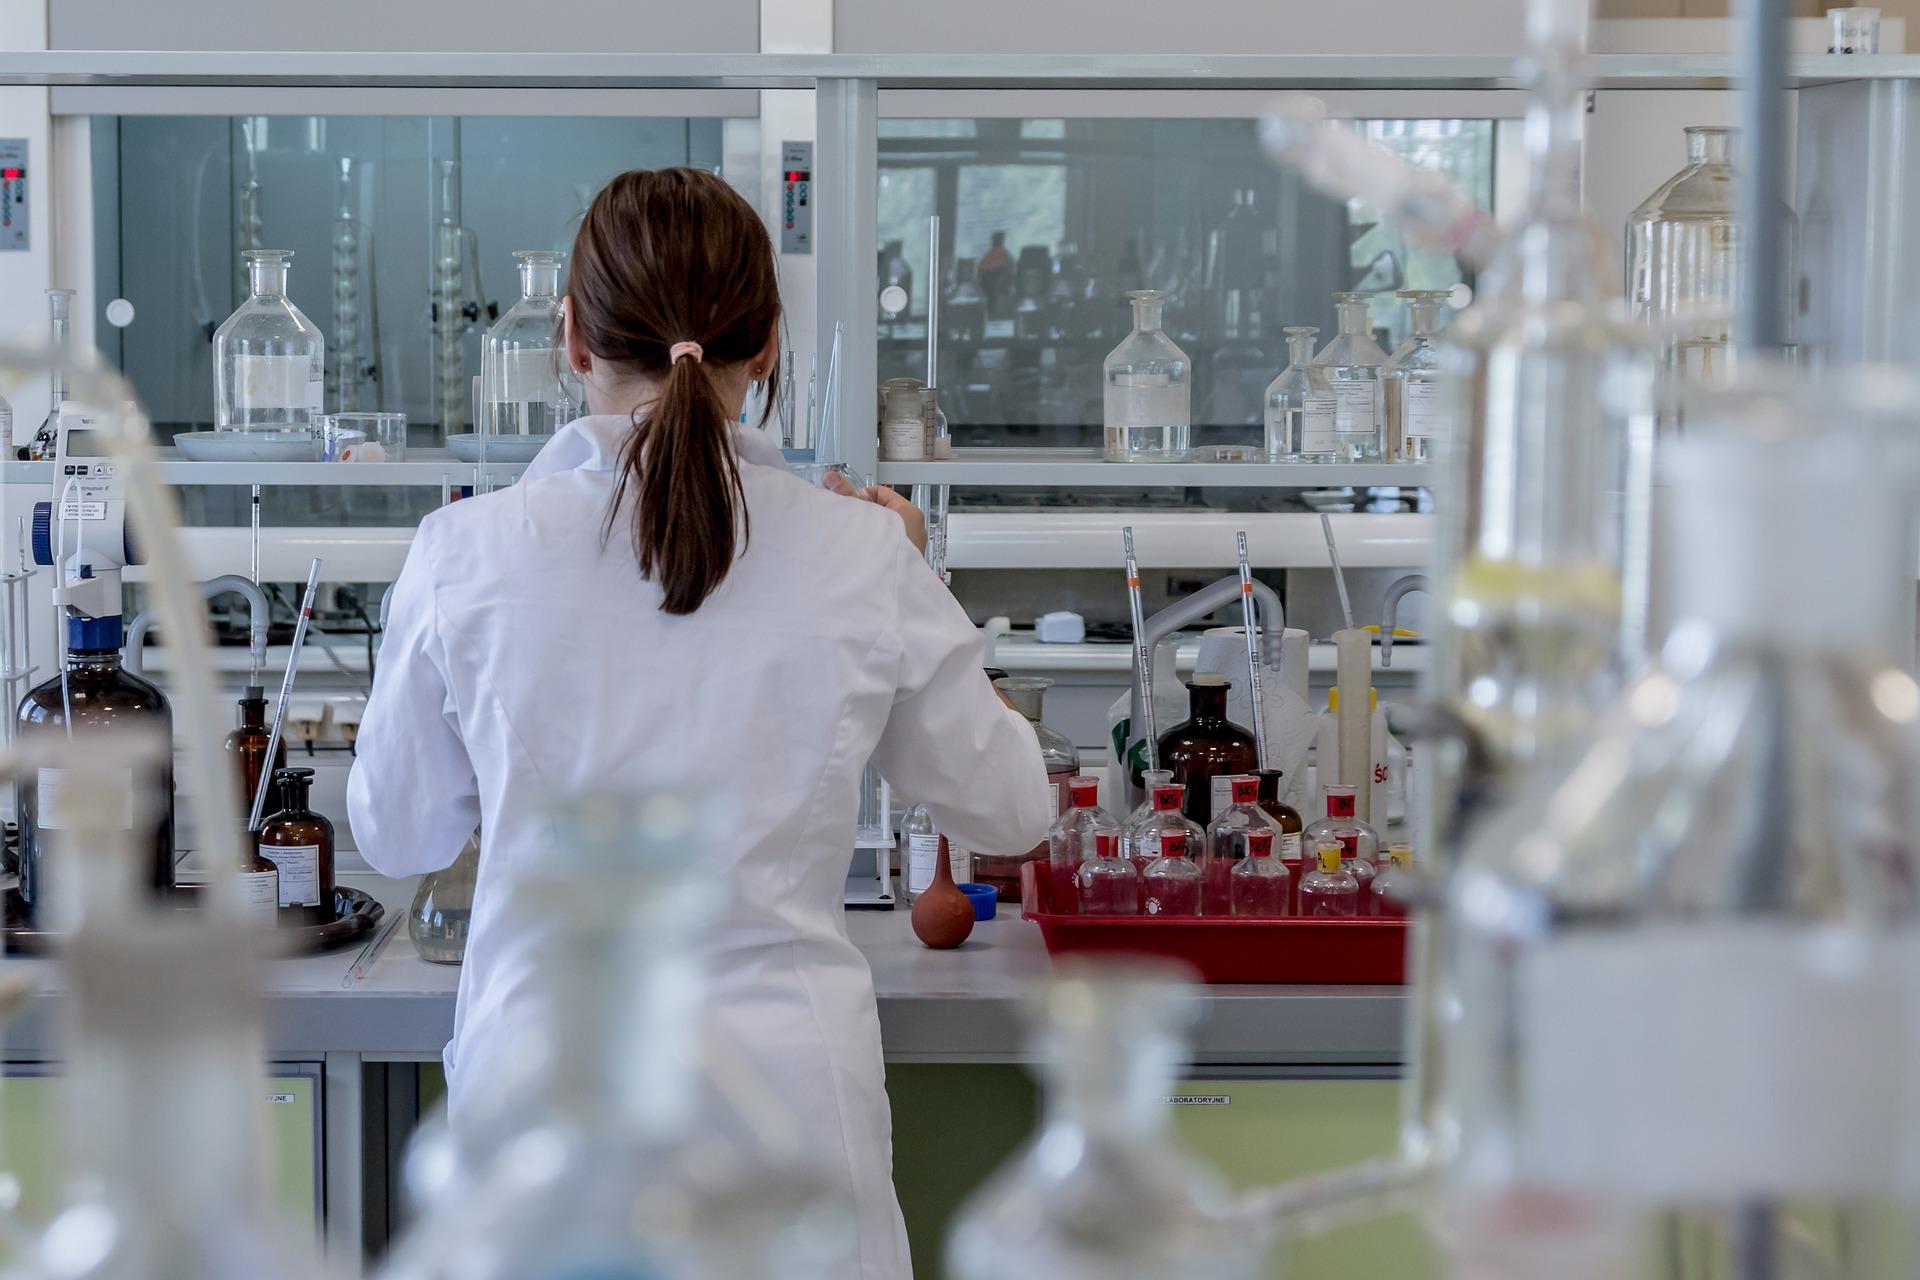 Witamina przyszłości pomoże w walce z osteoporozą i rakiem?